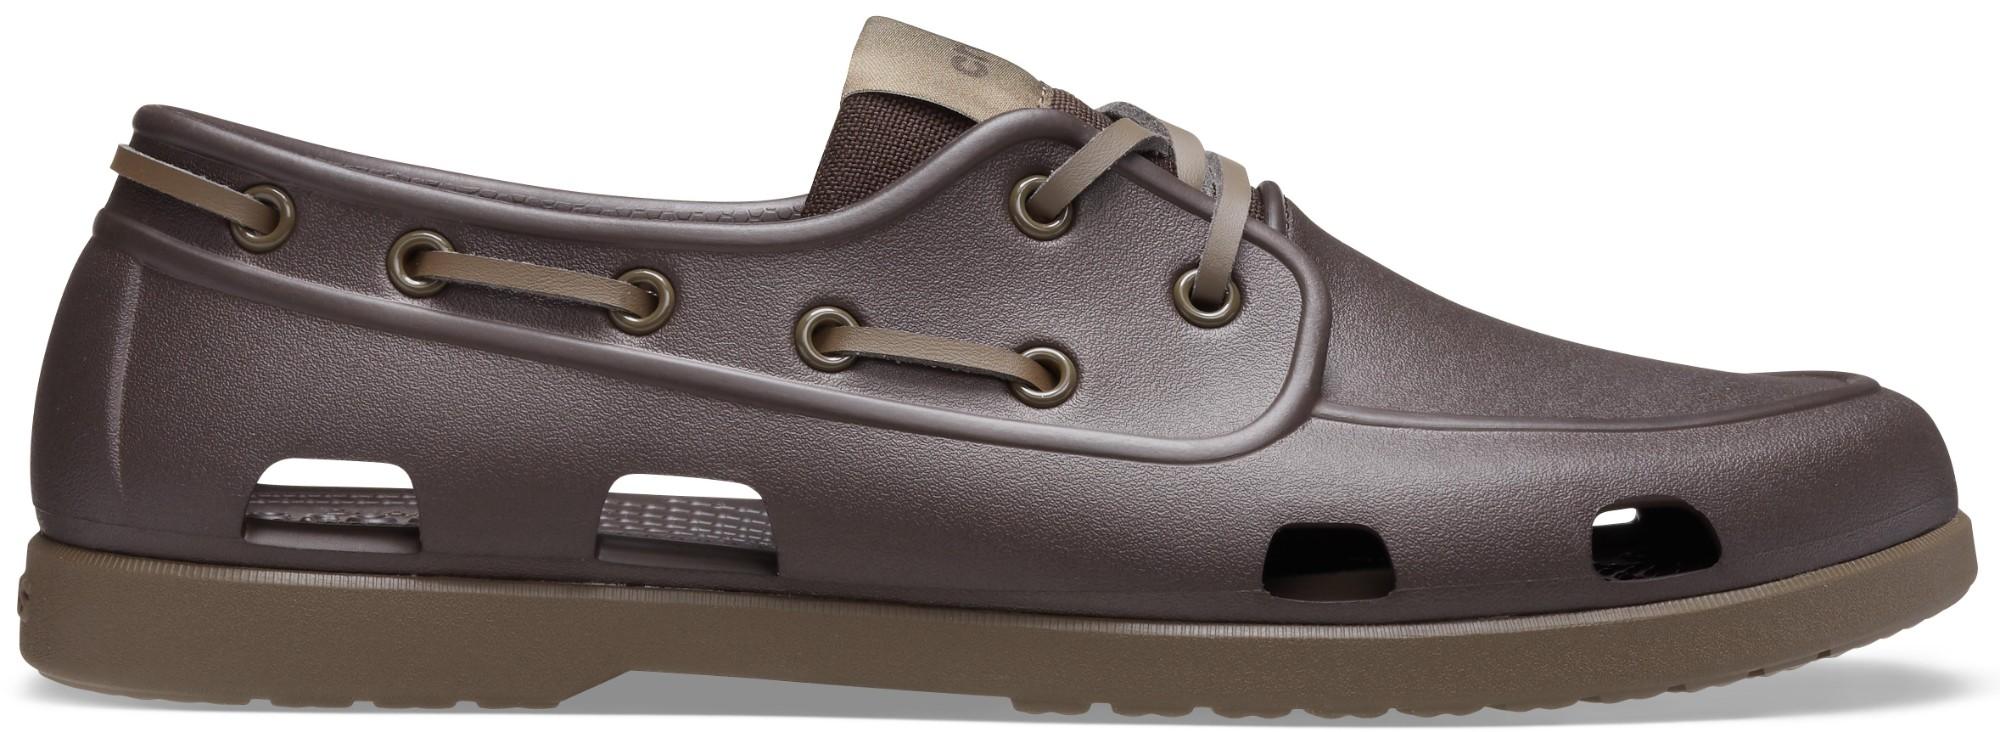 Crocs™ Classic Boat Shoe Mens Espresso/Walnut 44,5